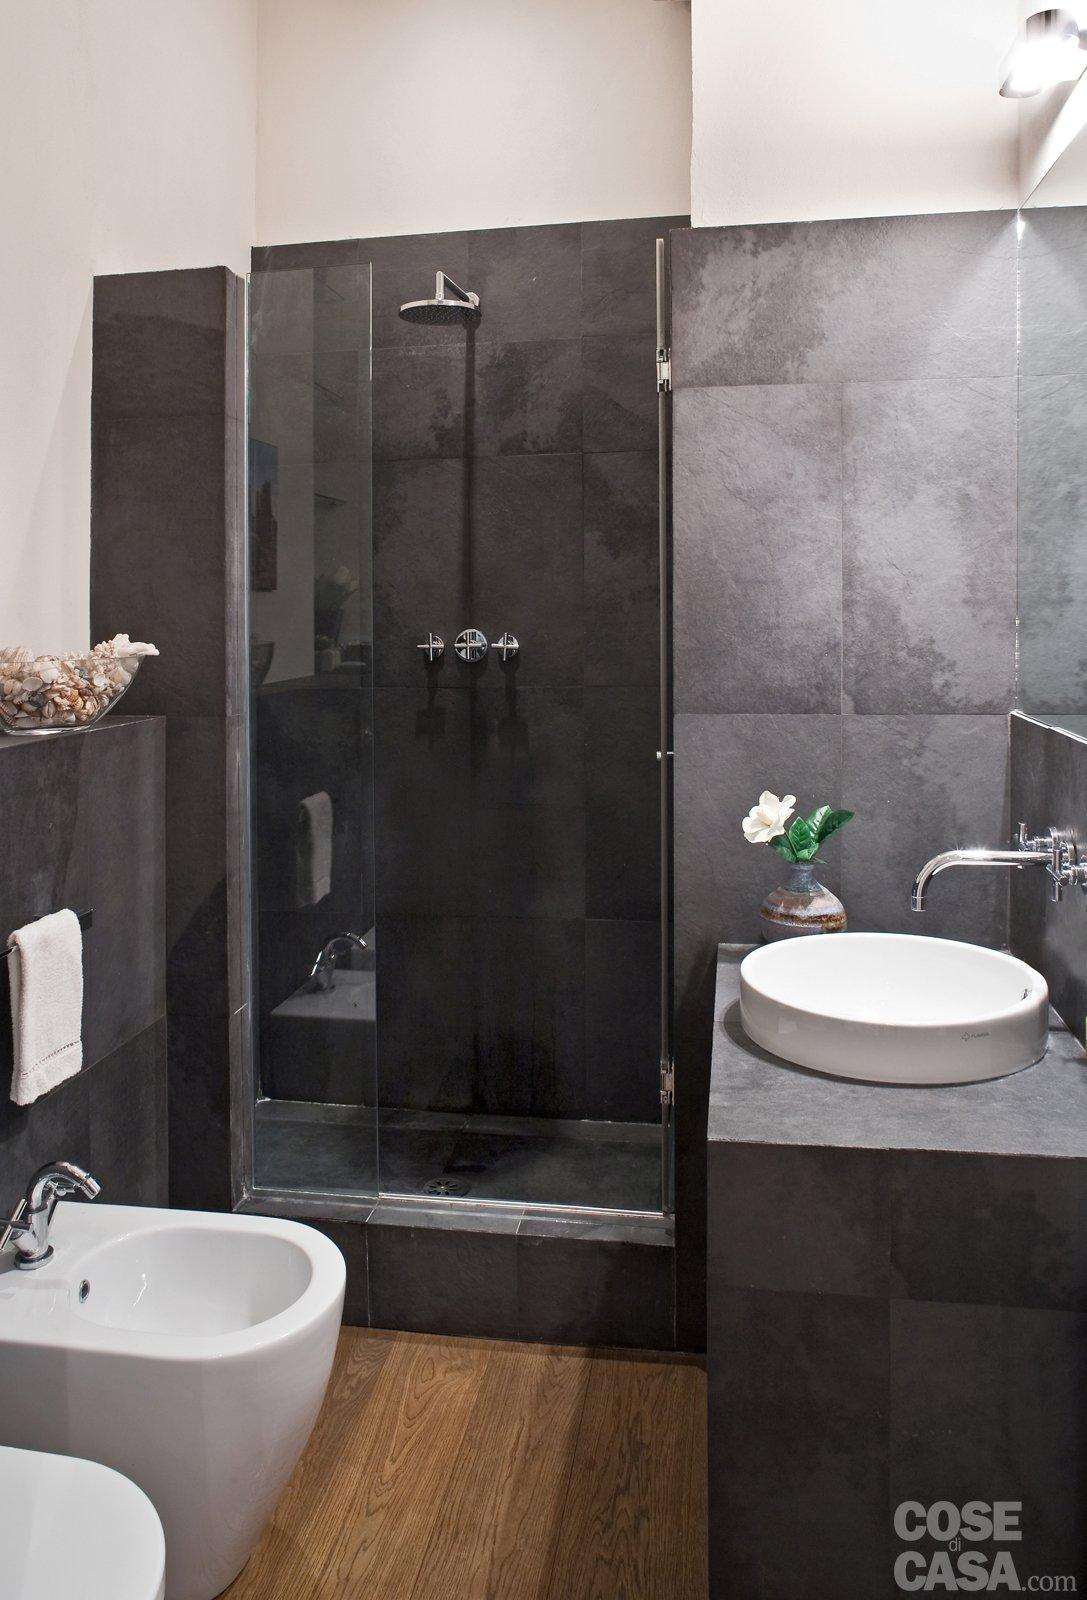 Una casa di 80 mq superfunzionali cose di casa for Mobile lavabo bagno piccolo